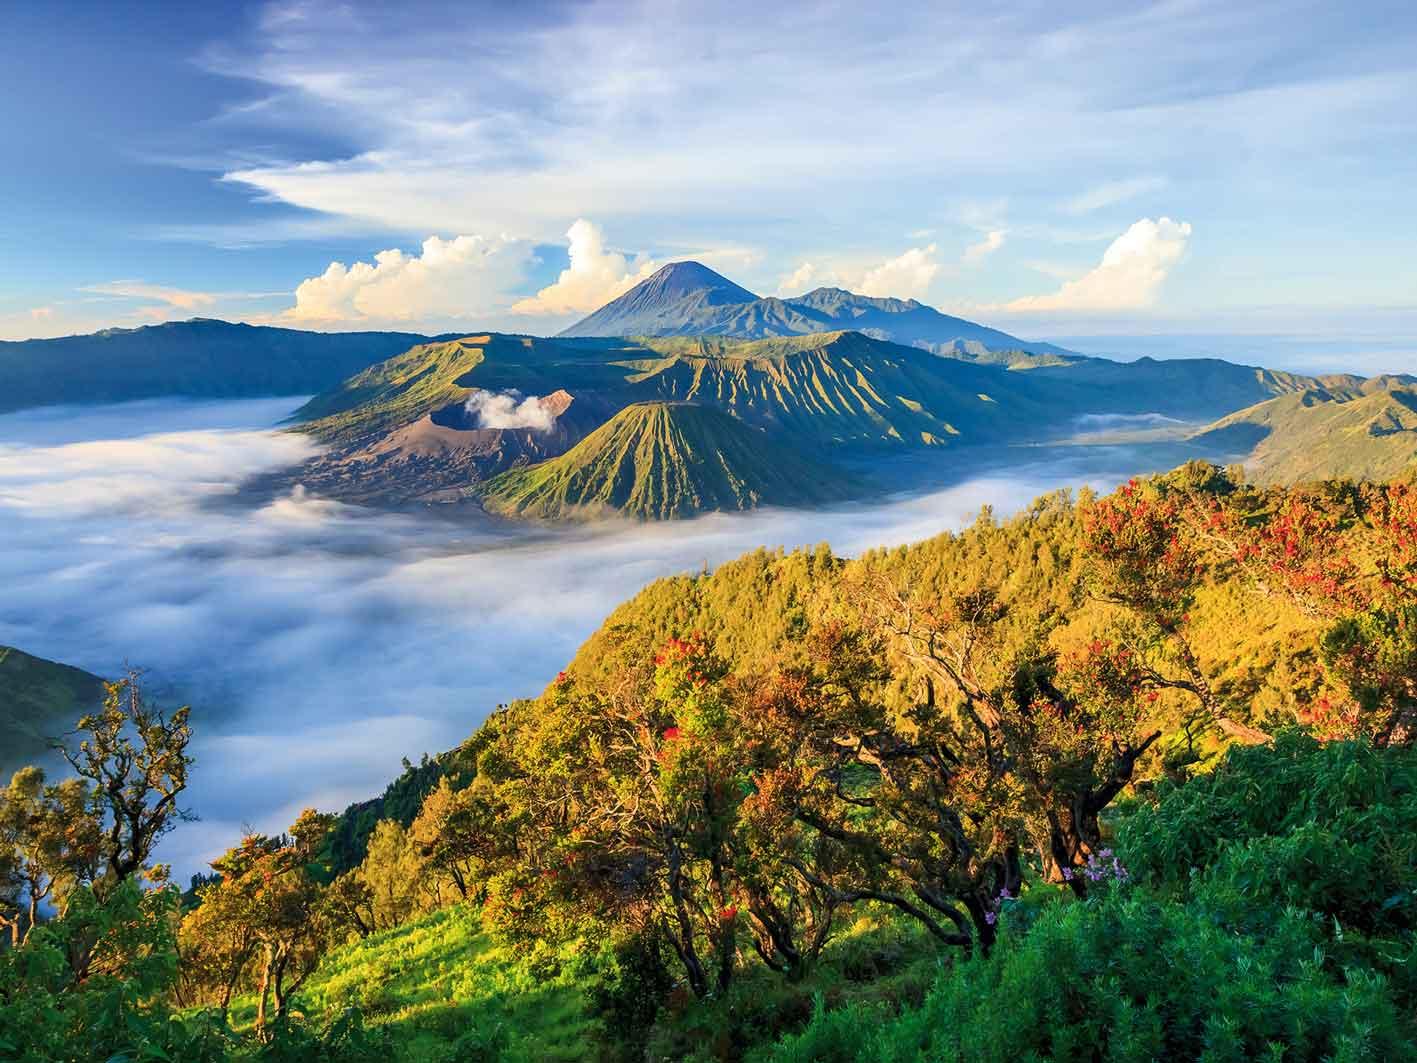 Abenteuerliche Reise Bali   Java   Lombok   Intertreck